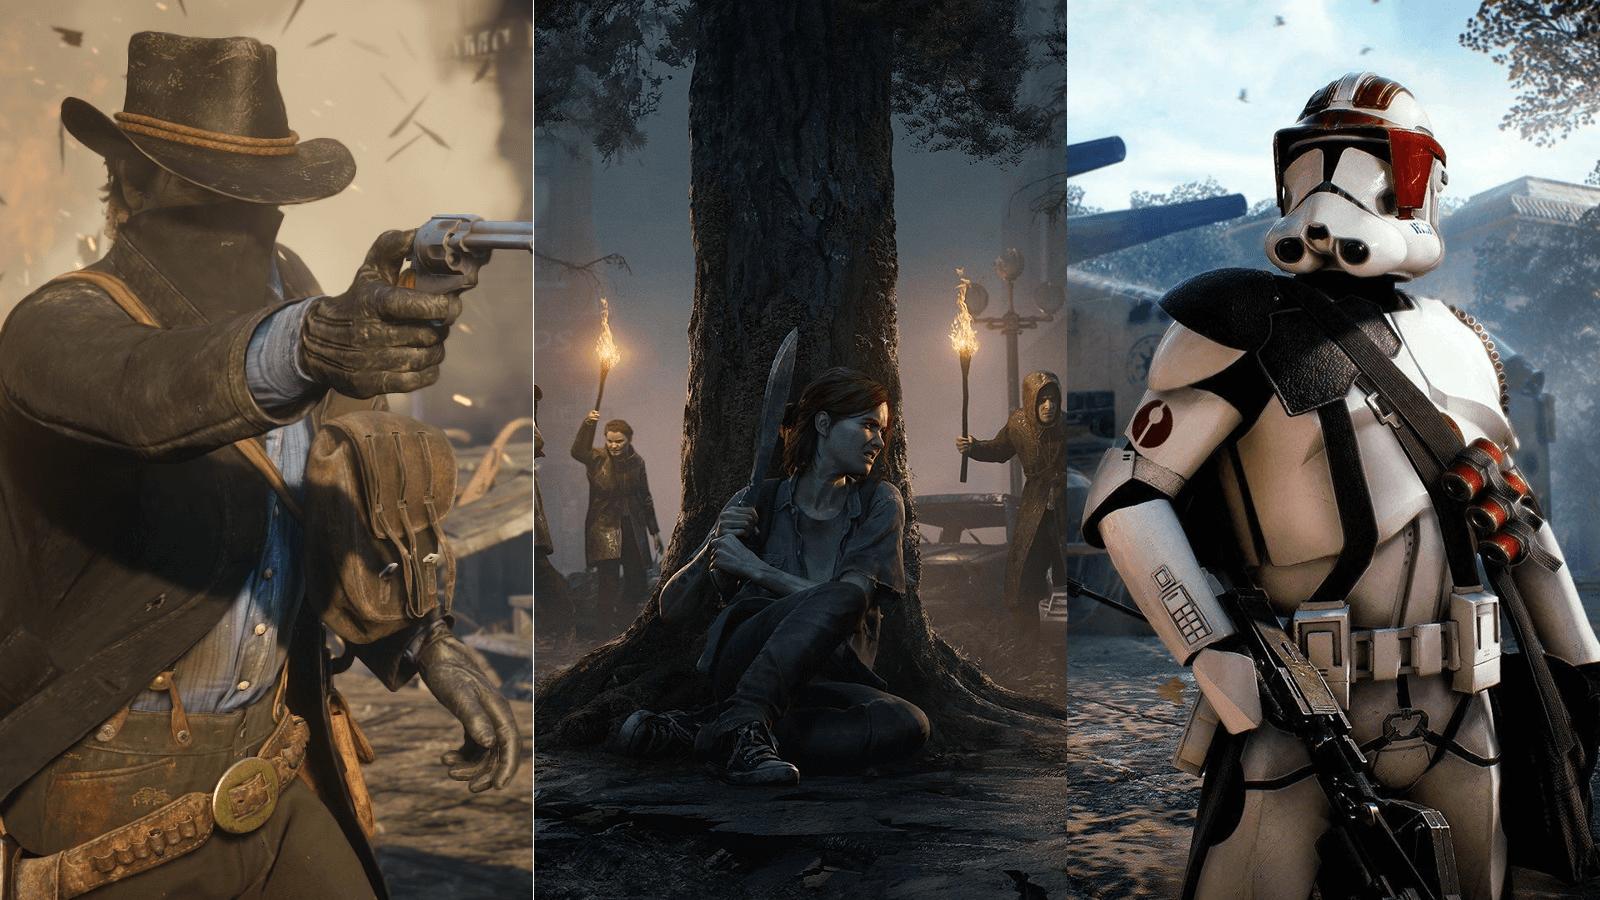 Визуальный стиль игр Red Dead Redemption 2, The Last of Us 2 и Star Wars: Battlefront 2